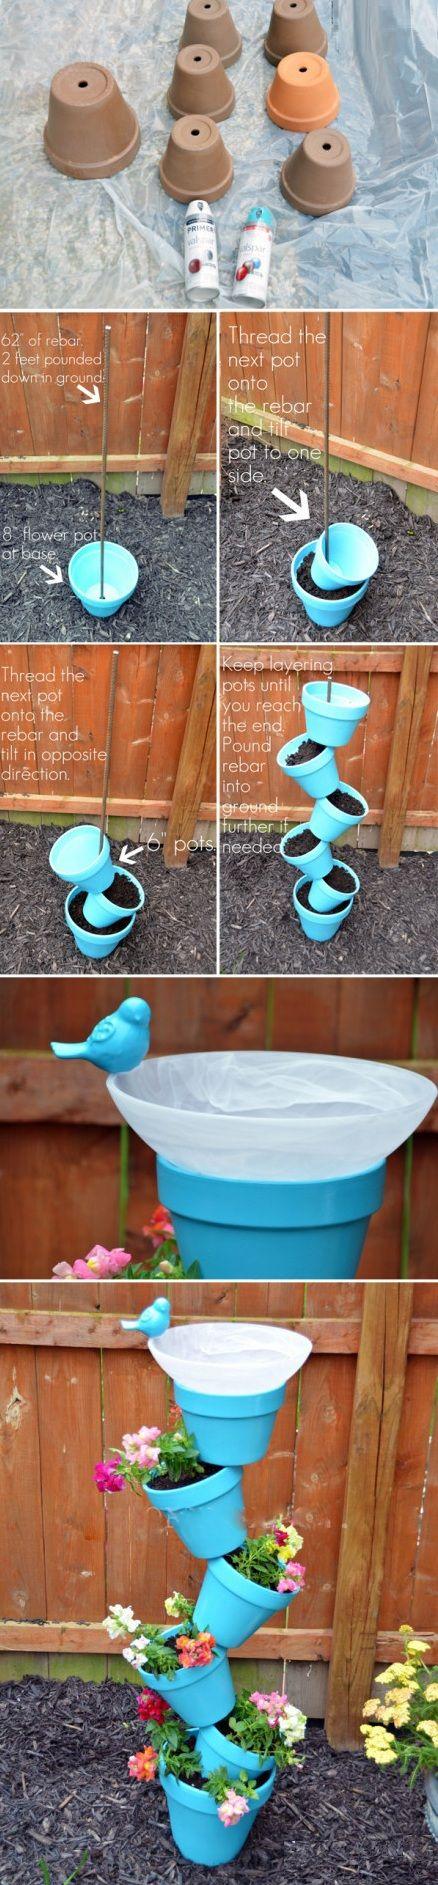 diy birdfeeder/planter